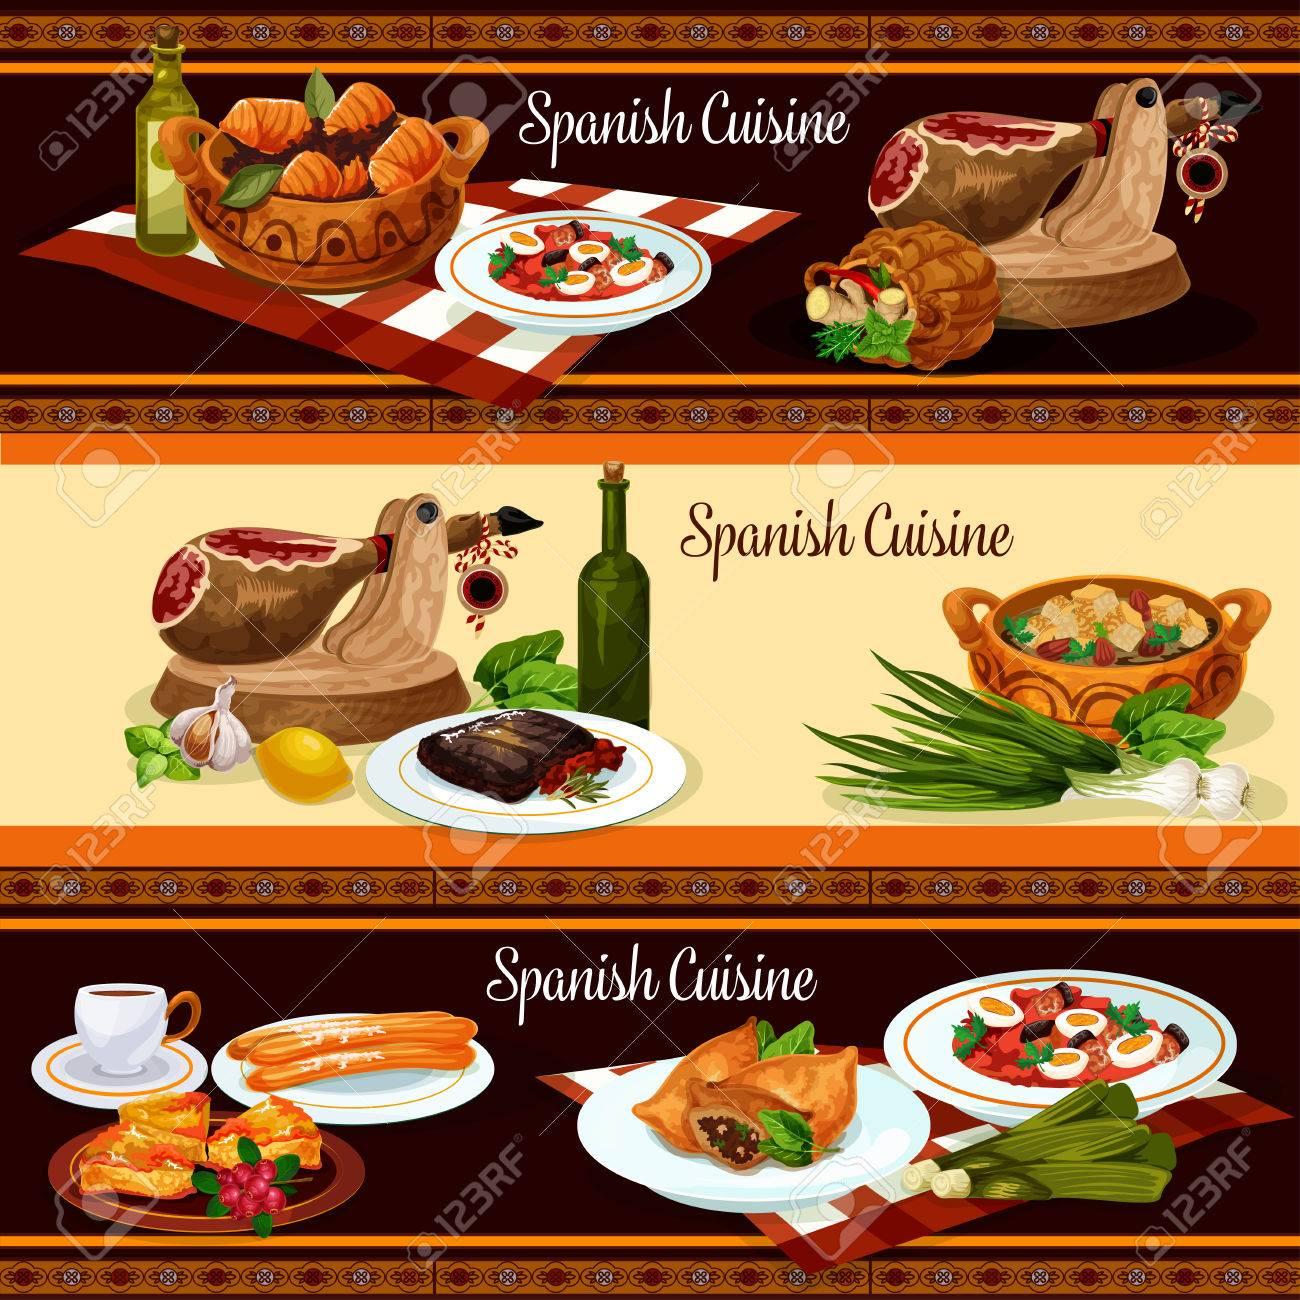 Spanische Küche Restaurant Menü Banner Set Design Lizenzfrei ...